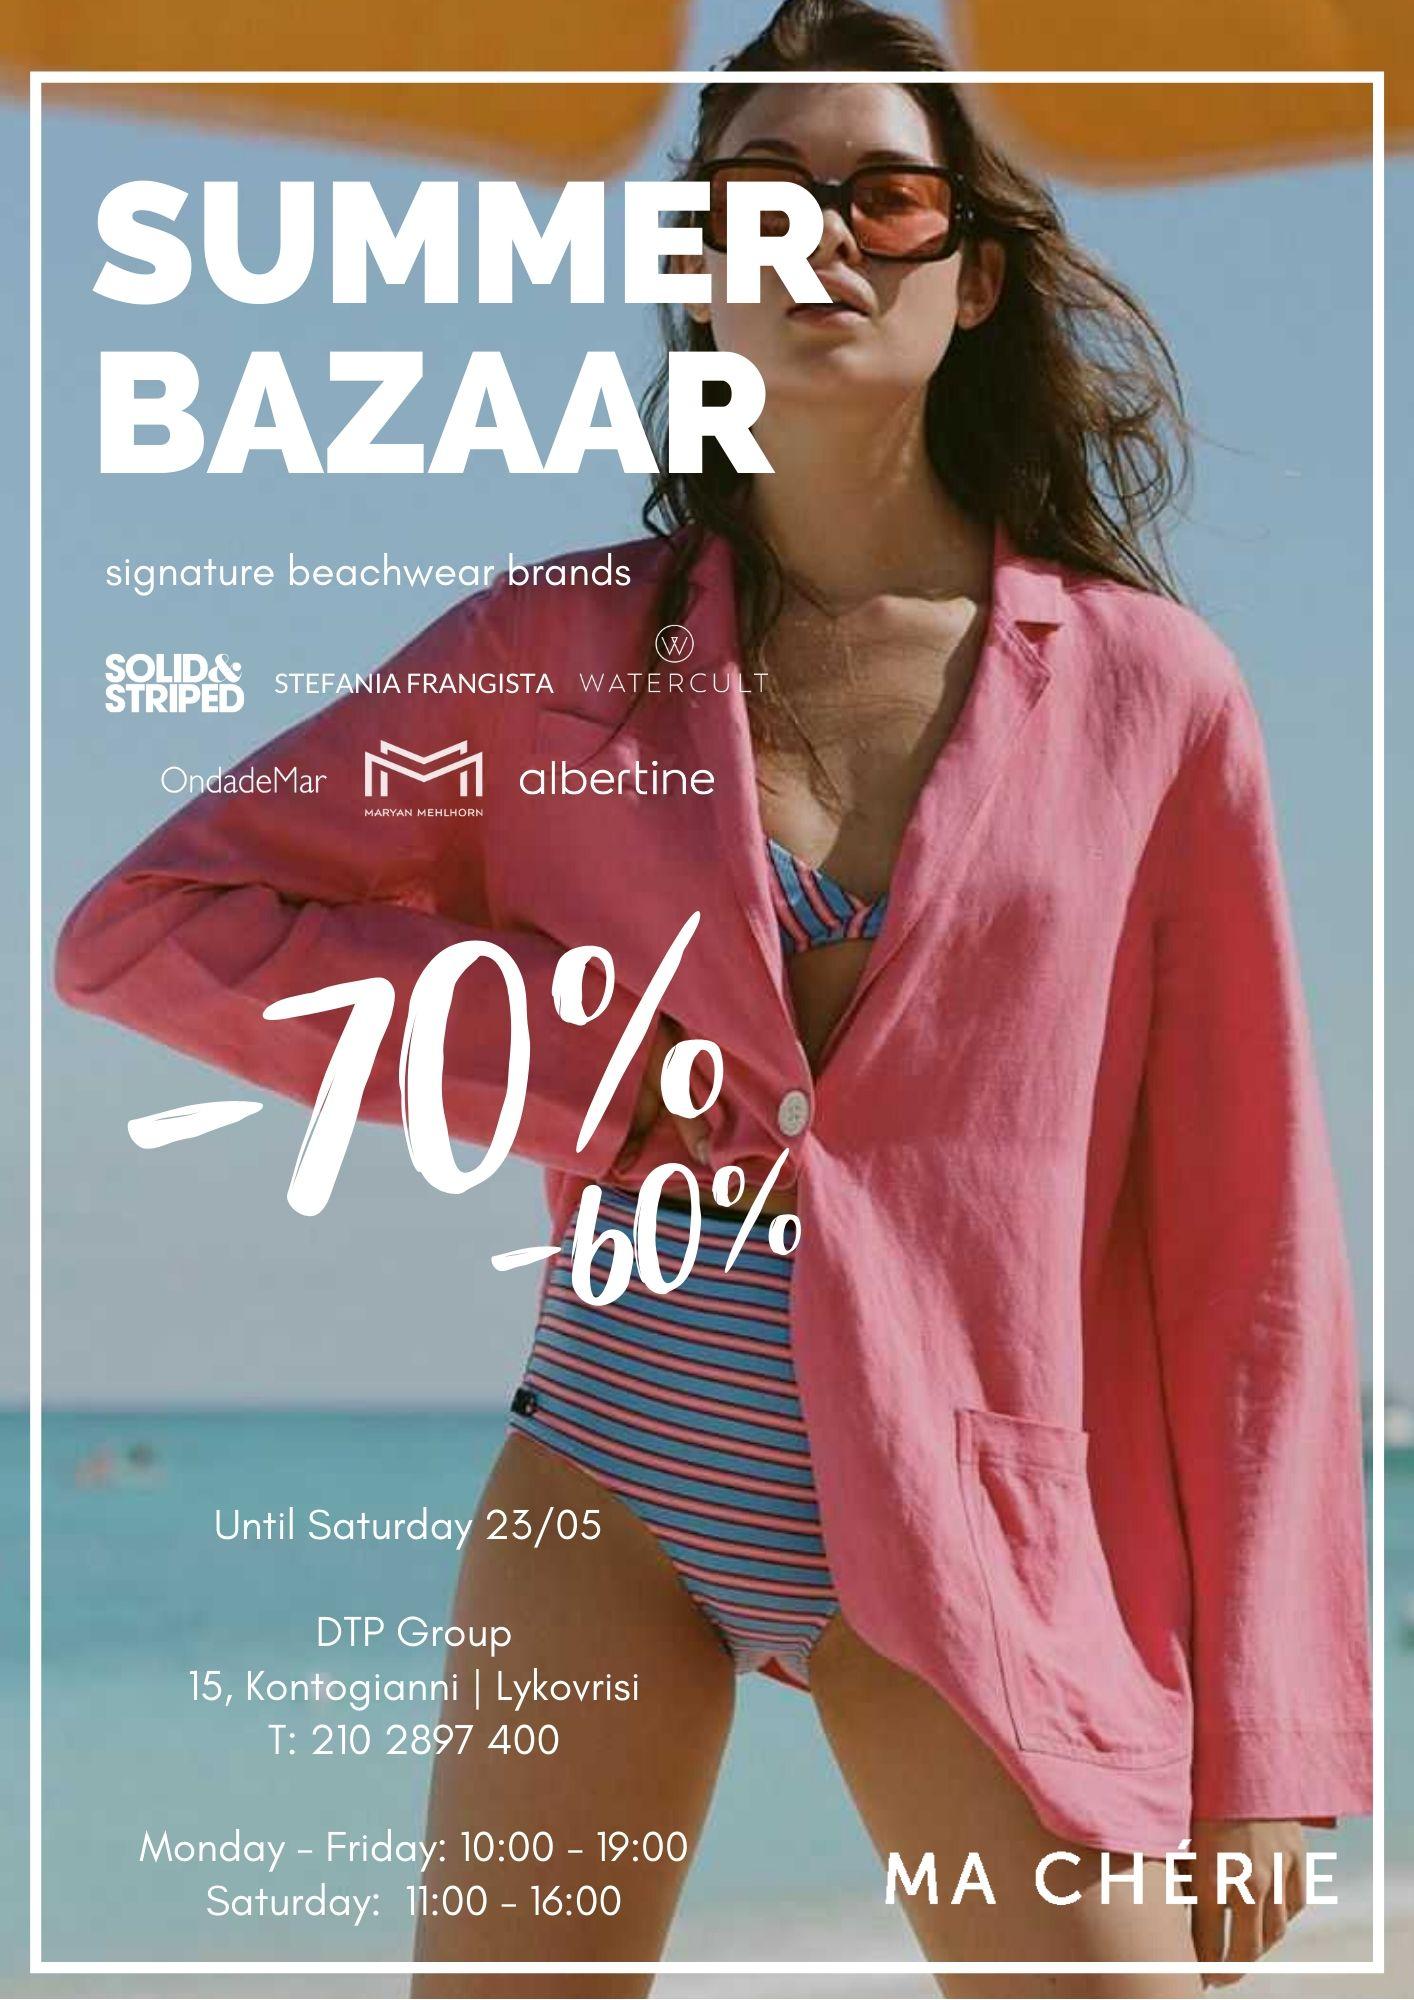 Αν θες να αποκτήσεις νέο μαγιό σε φανταστική τιμή σου βρήκαμε το καλύτερο fashion bazaar της πόλης